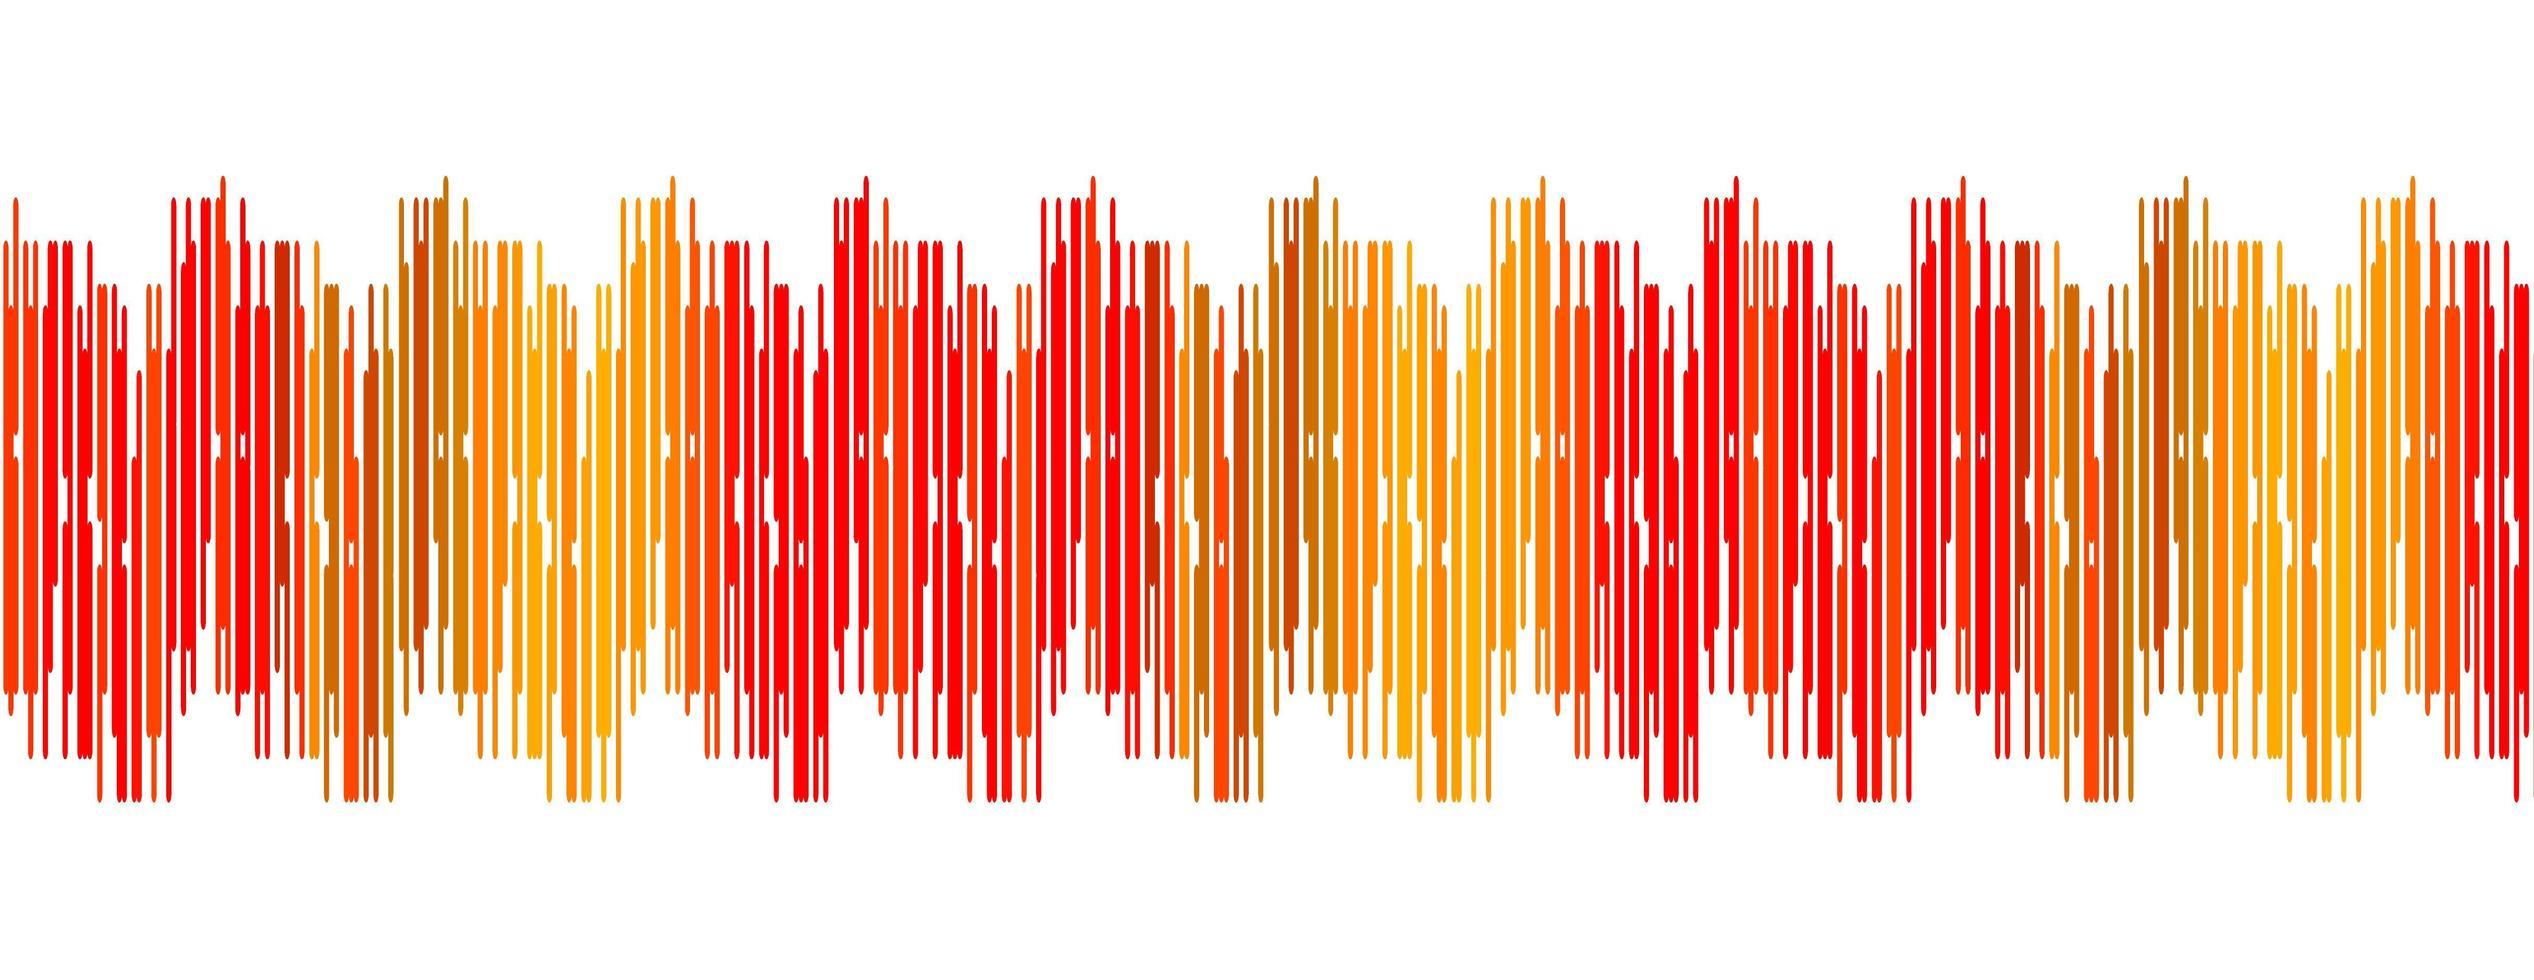 sfondo rosso onda sonora digitale vettore